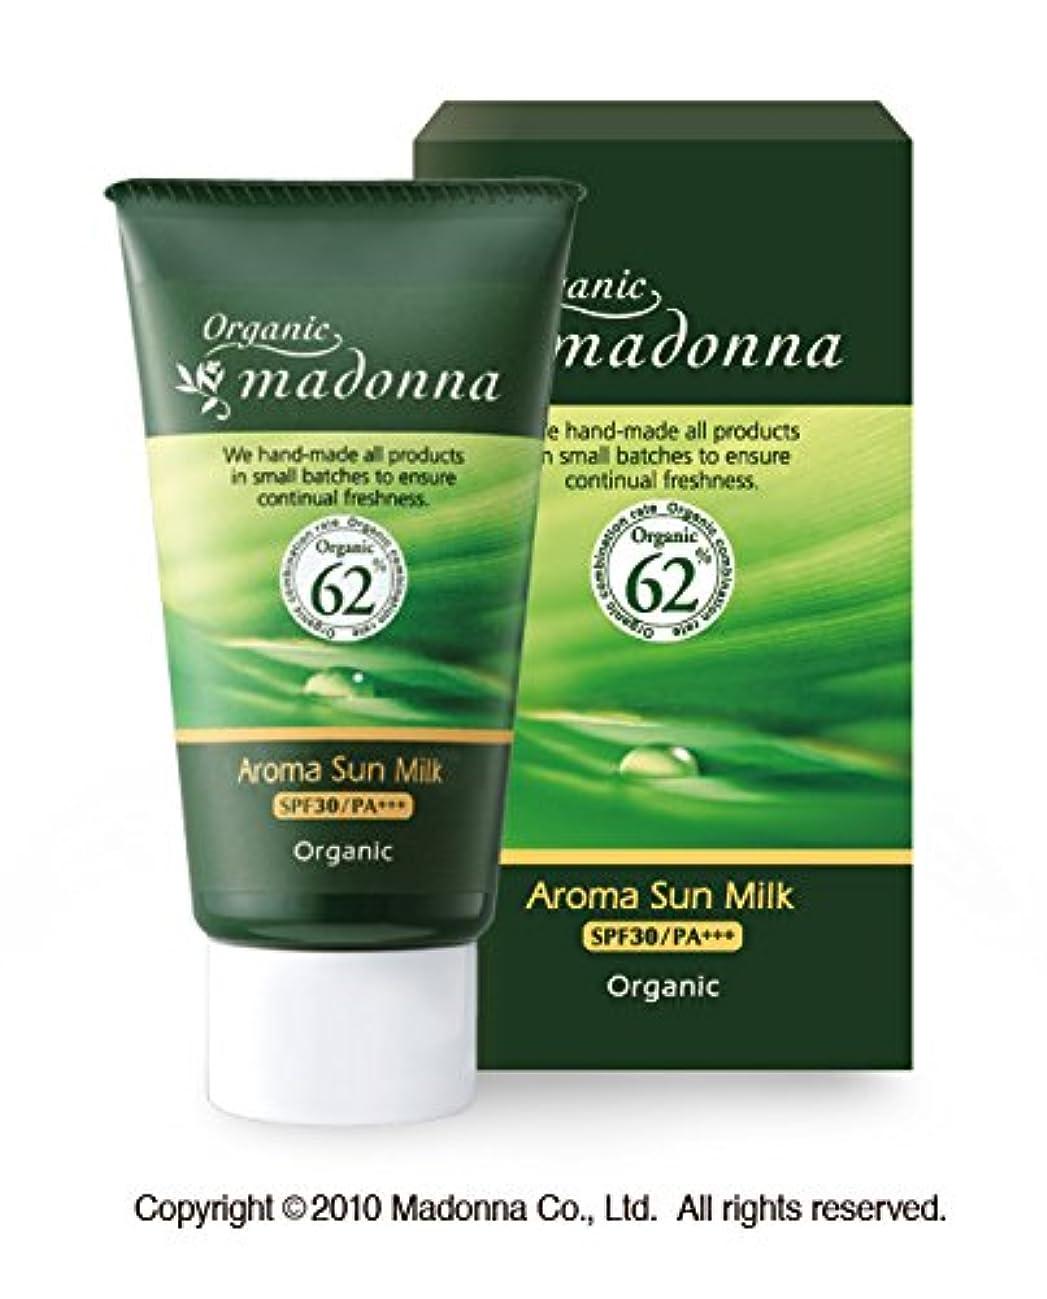 ディンカルビル洗練されたメーターオーガニックマドンナ アロマサンミルク45g(SPF30/PA+++)<オーガニック62%配合>